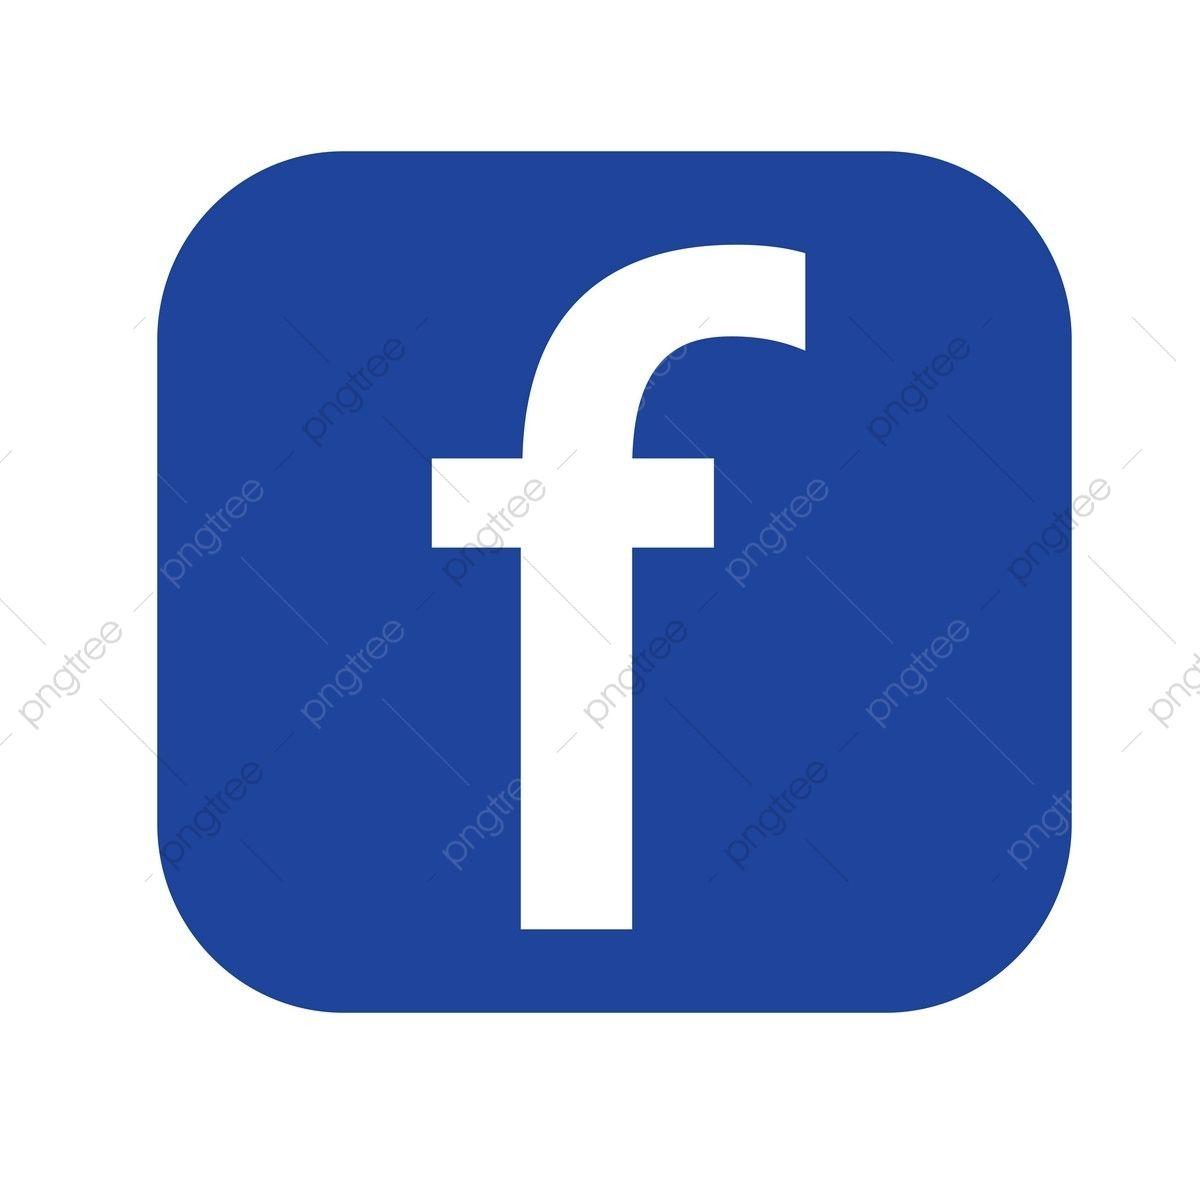 Facebook Logo Facebook Icon Logo Clipart Facebook Icons Logo Icons Png And Vector With Transparent Background In 2021 Facebook Icon Png Facebook Icons Logo Facebook